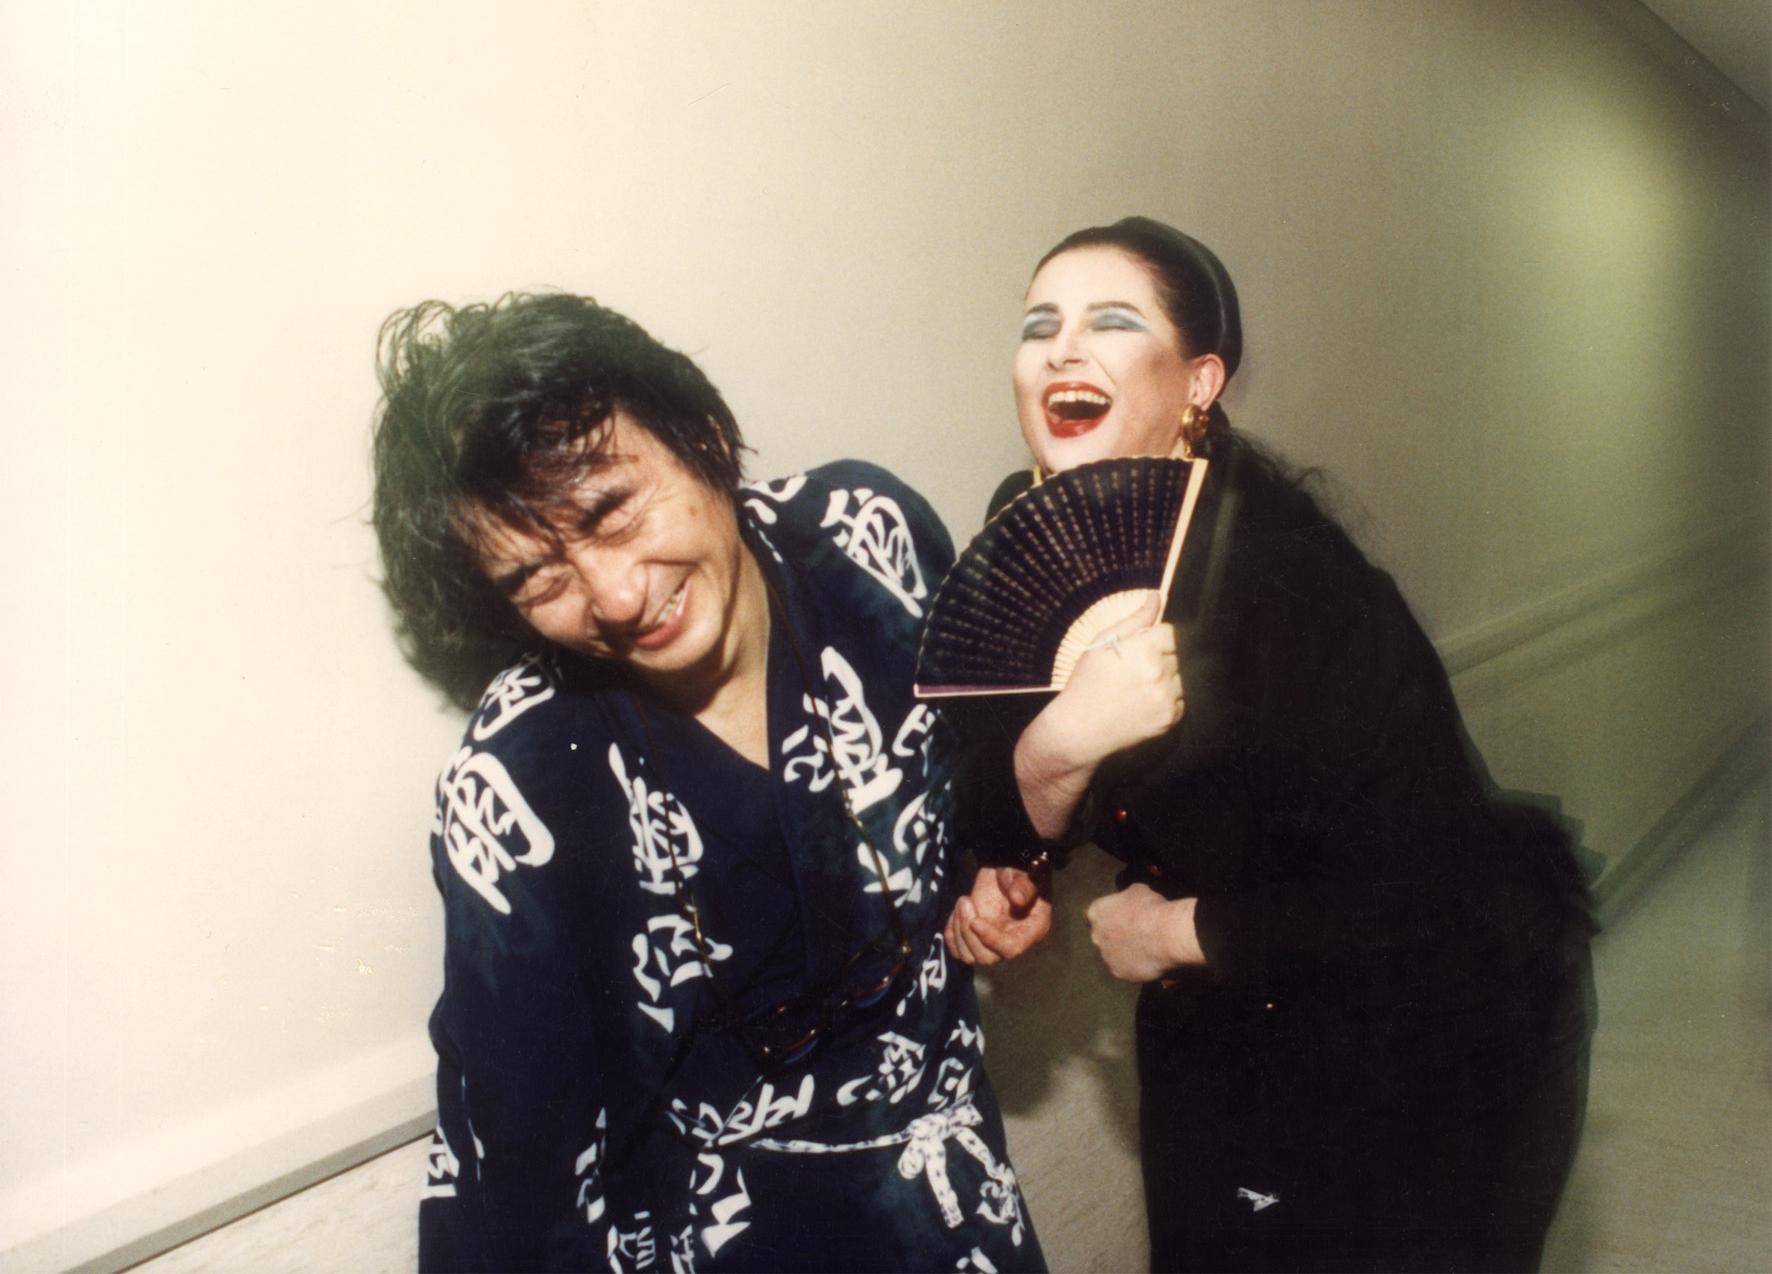 Din nou în Japonia: cu Maestrul Seiji Ozawa, în entuziasmul generatde triumful primei prezentări în Țara Soarelui Răsare a operei Idomeneo de Mozart